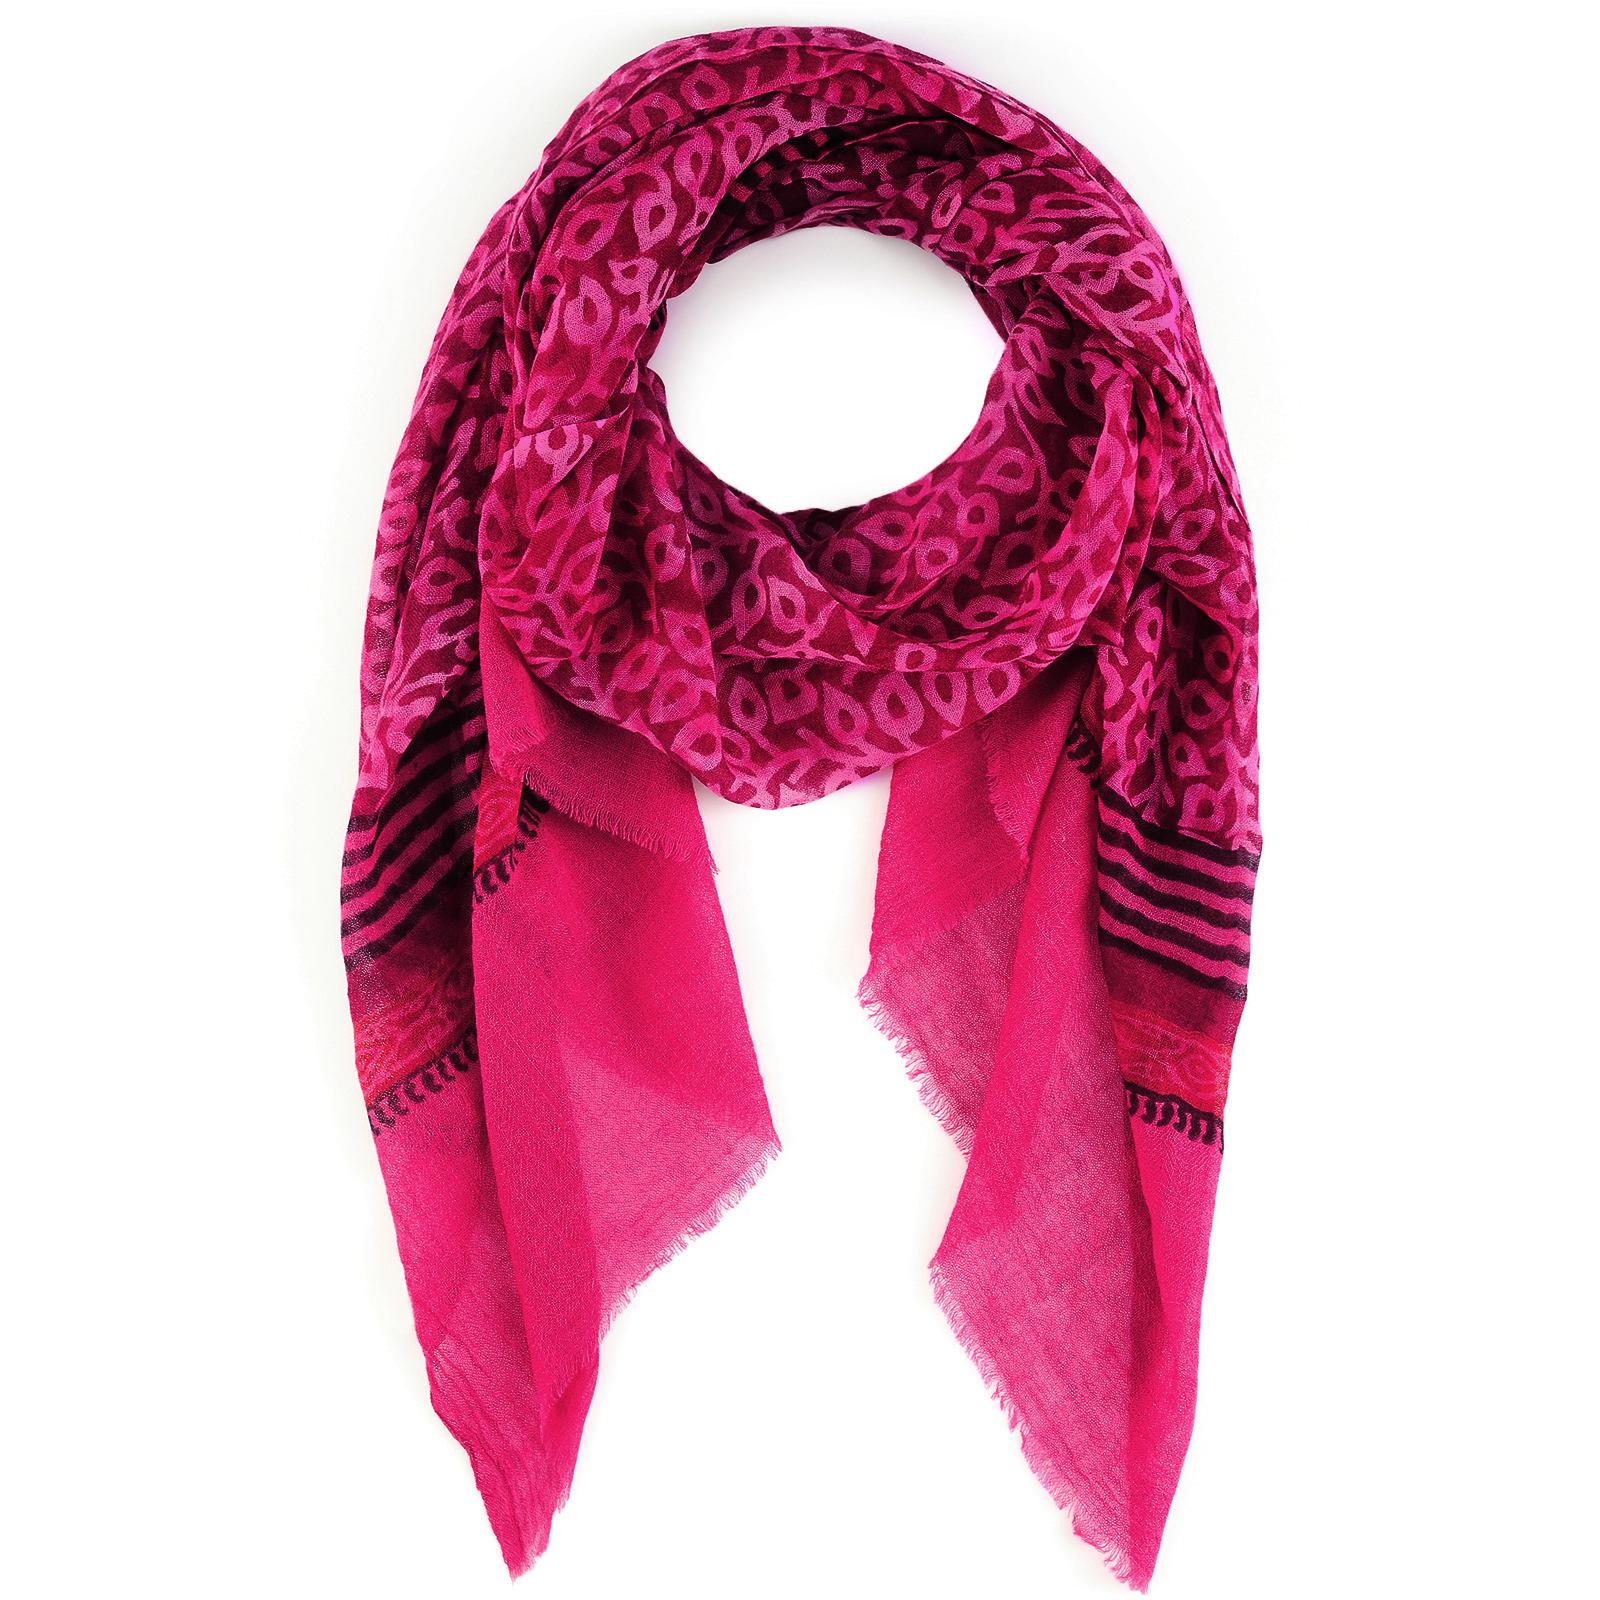 380a6939f8d2 Echarpe rose laine etole laine et soie femme   Twin2014